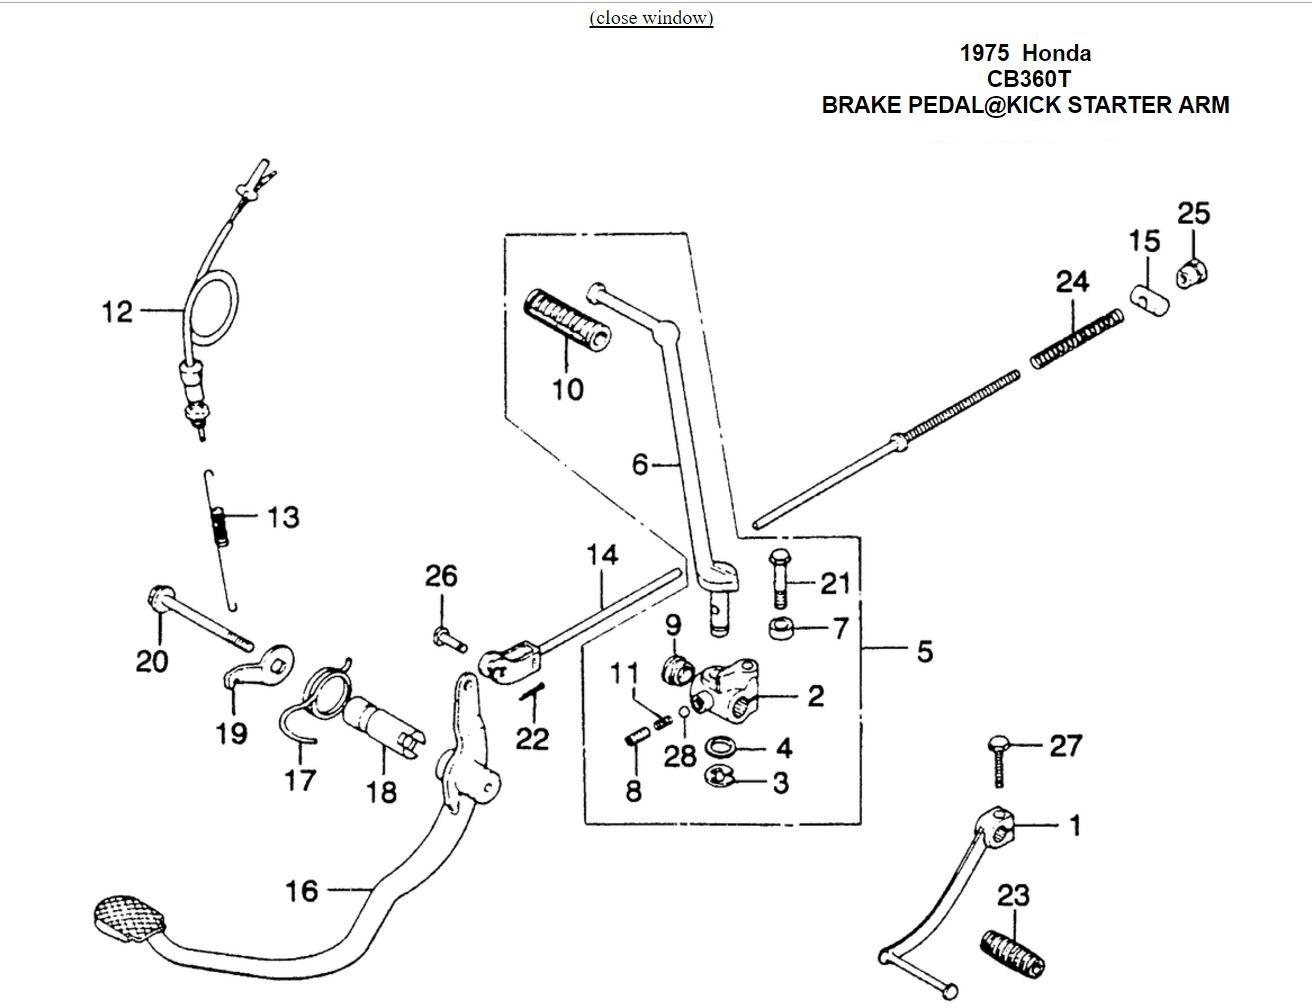 honda cb360 cafe racer wiring diagram database. Black Bedroom Furniture Sets. Home Design Ideas